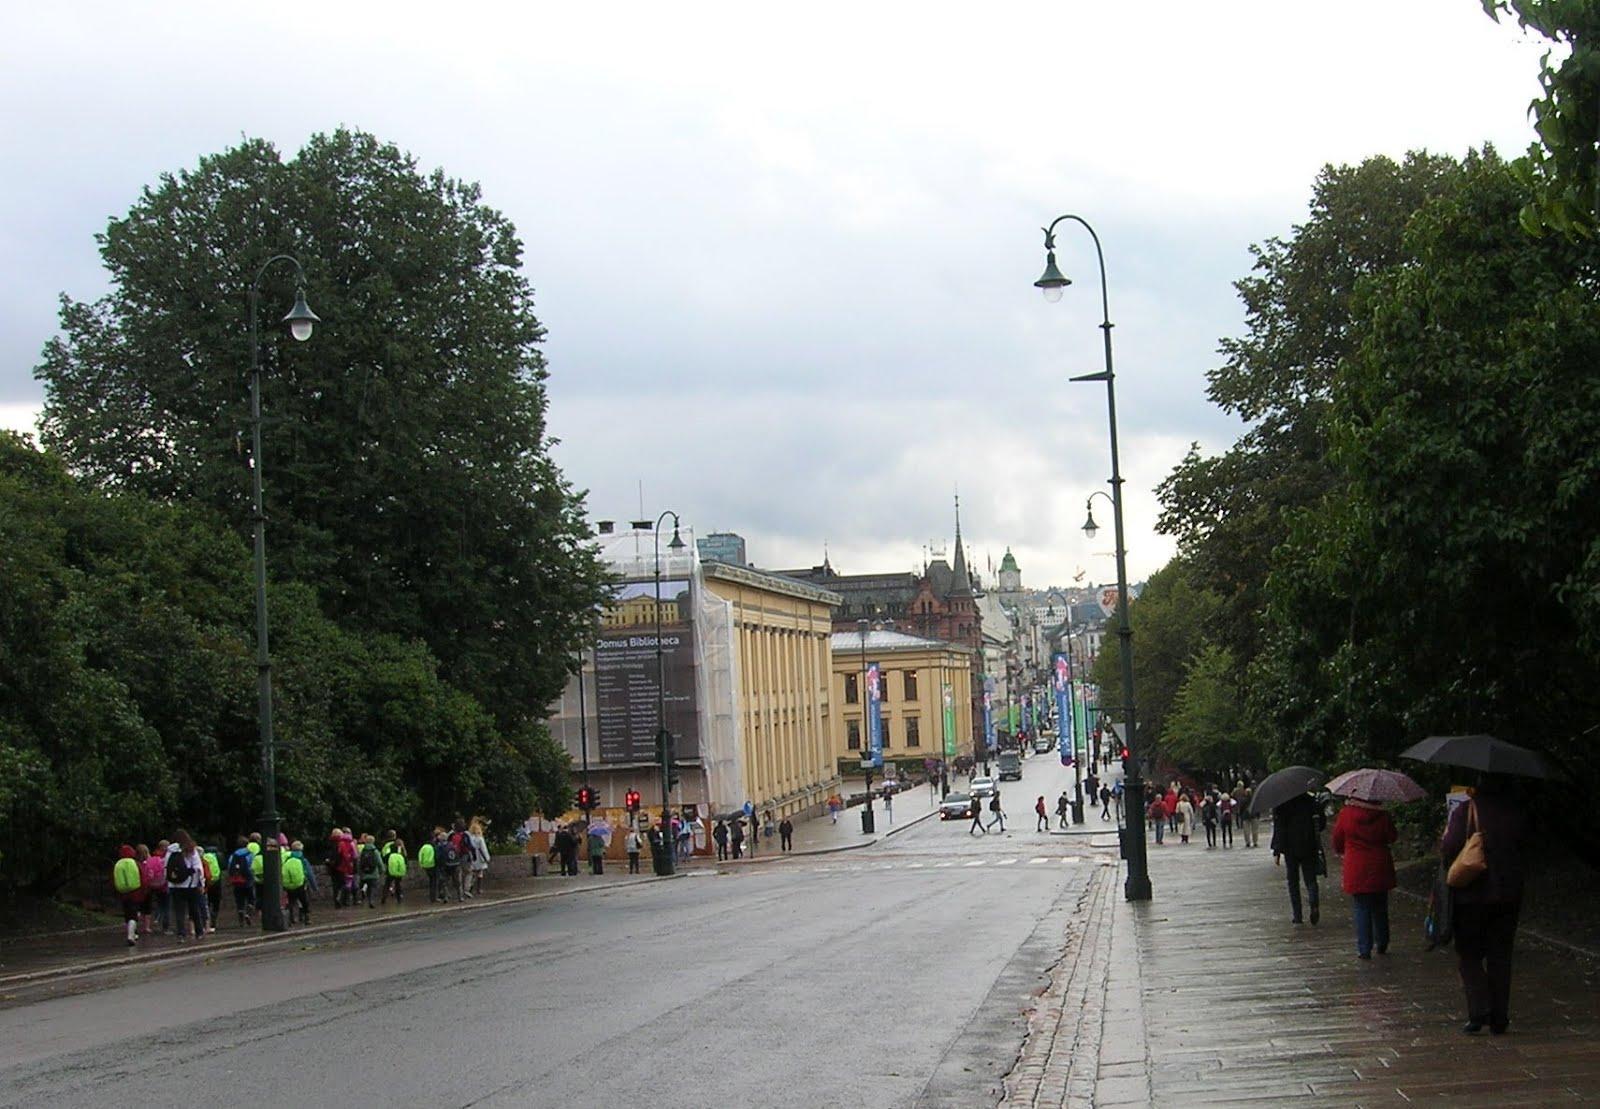 universidad de oslo, oslo, noruega, vuelta al mundo, round the world, información viajes, consejos, fotos, guía, diario, excursiones